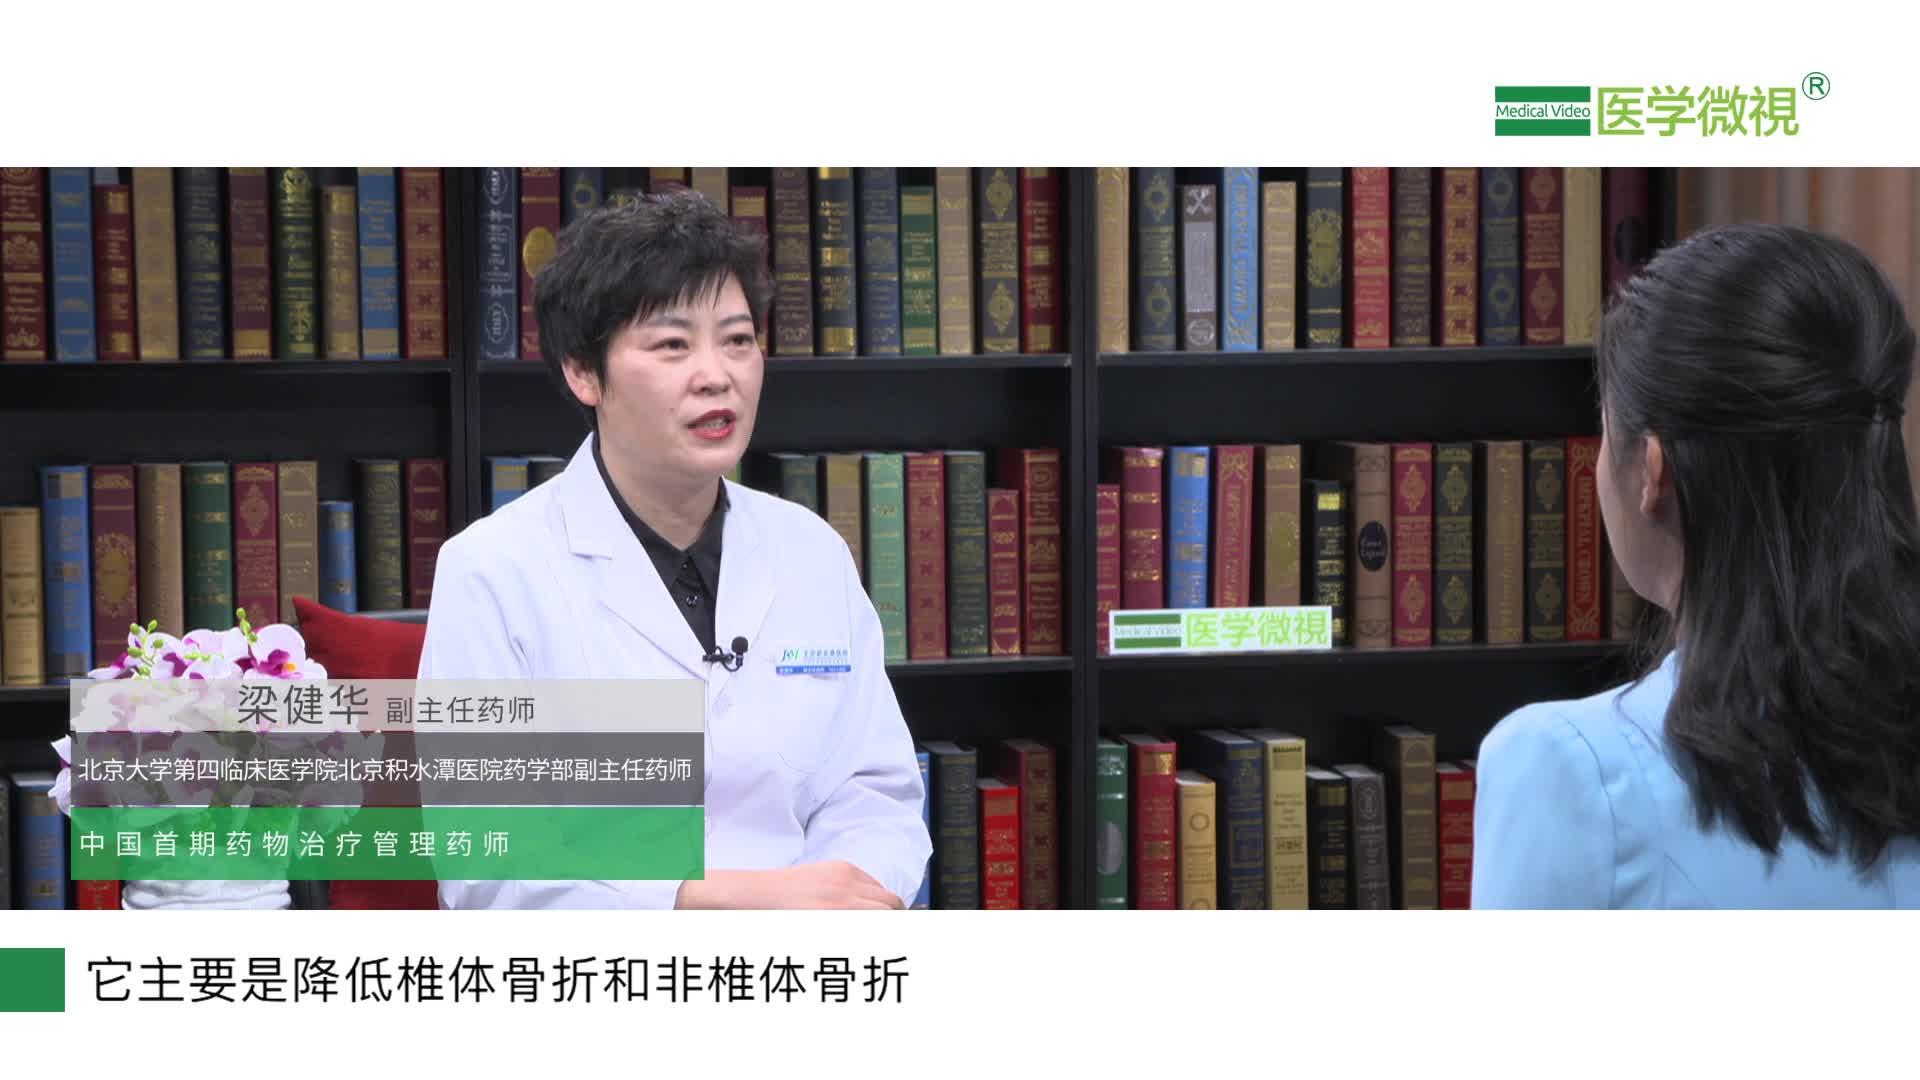 特立帕肽注射液是怎么治骨质疏松的?多久能见效?